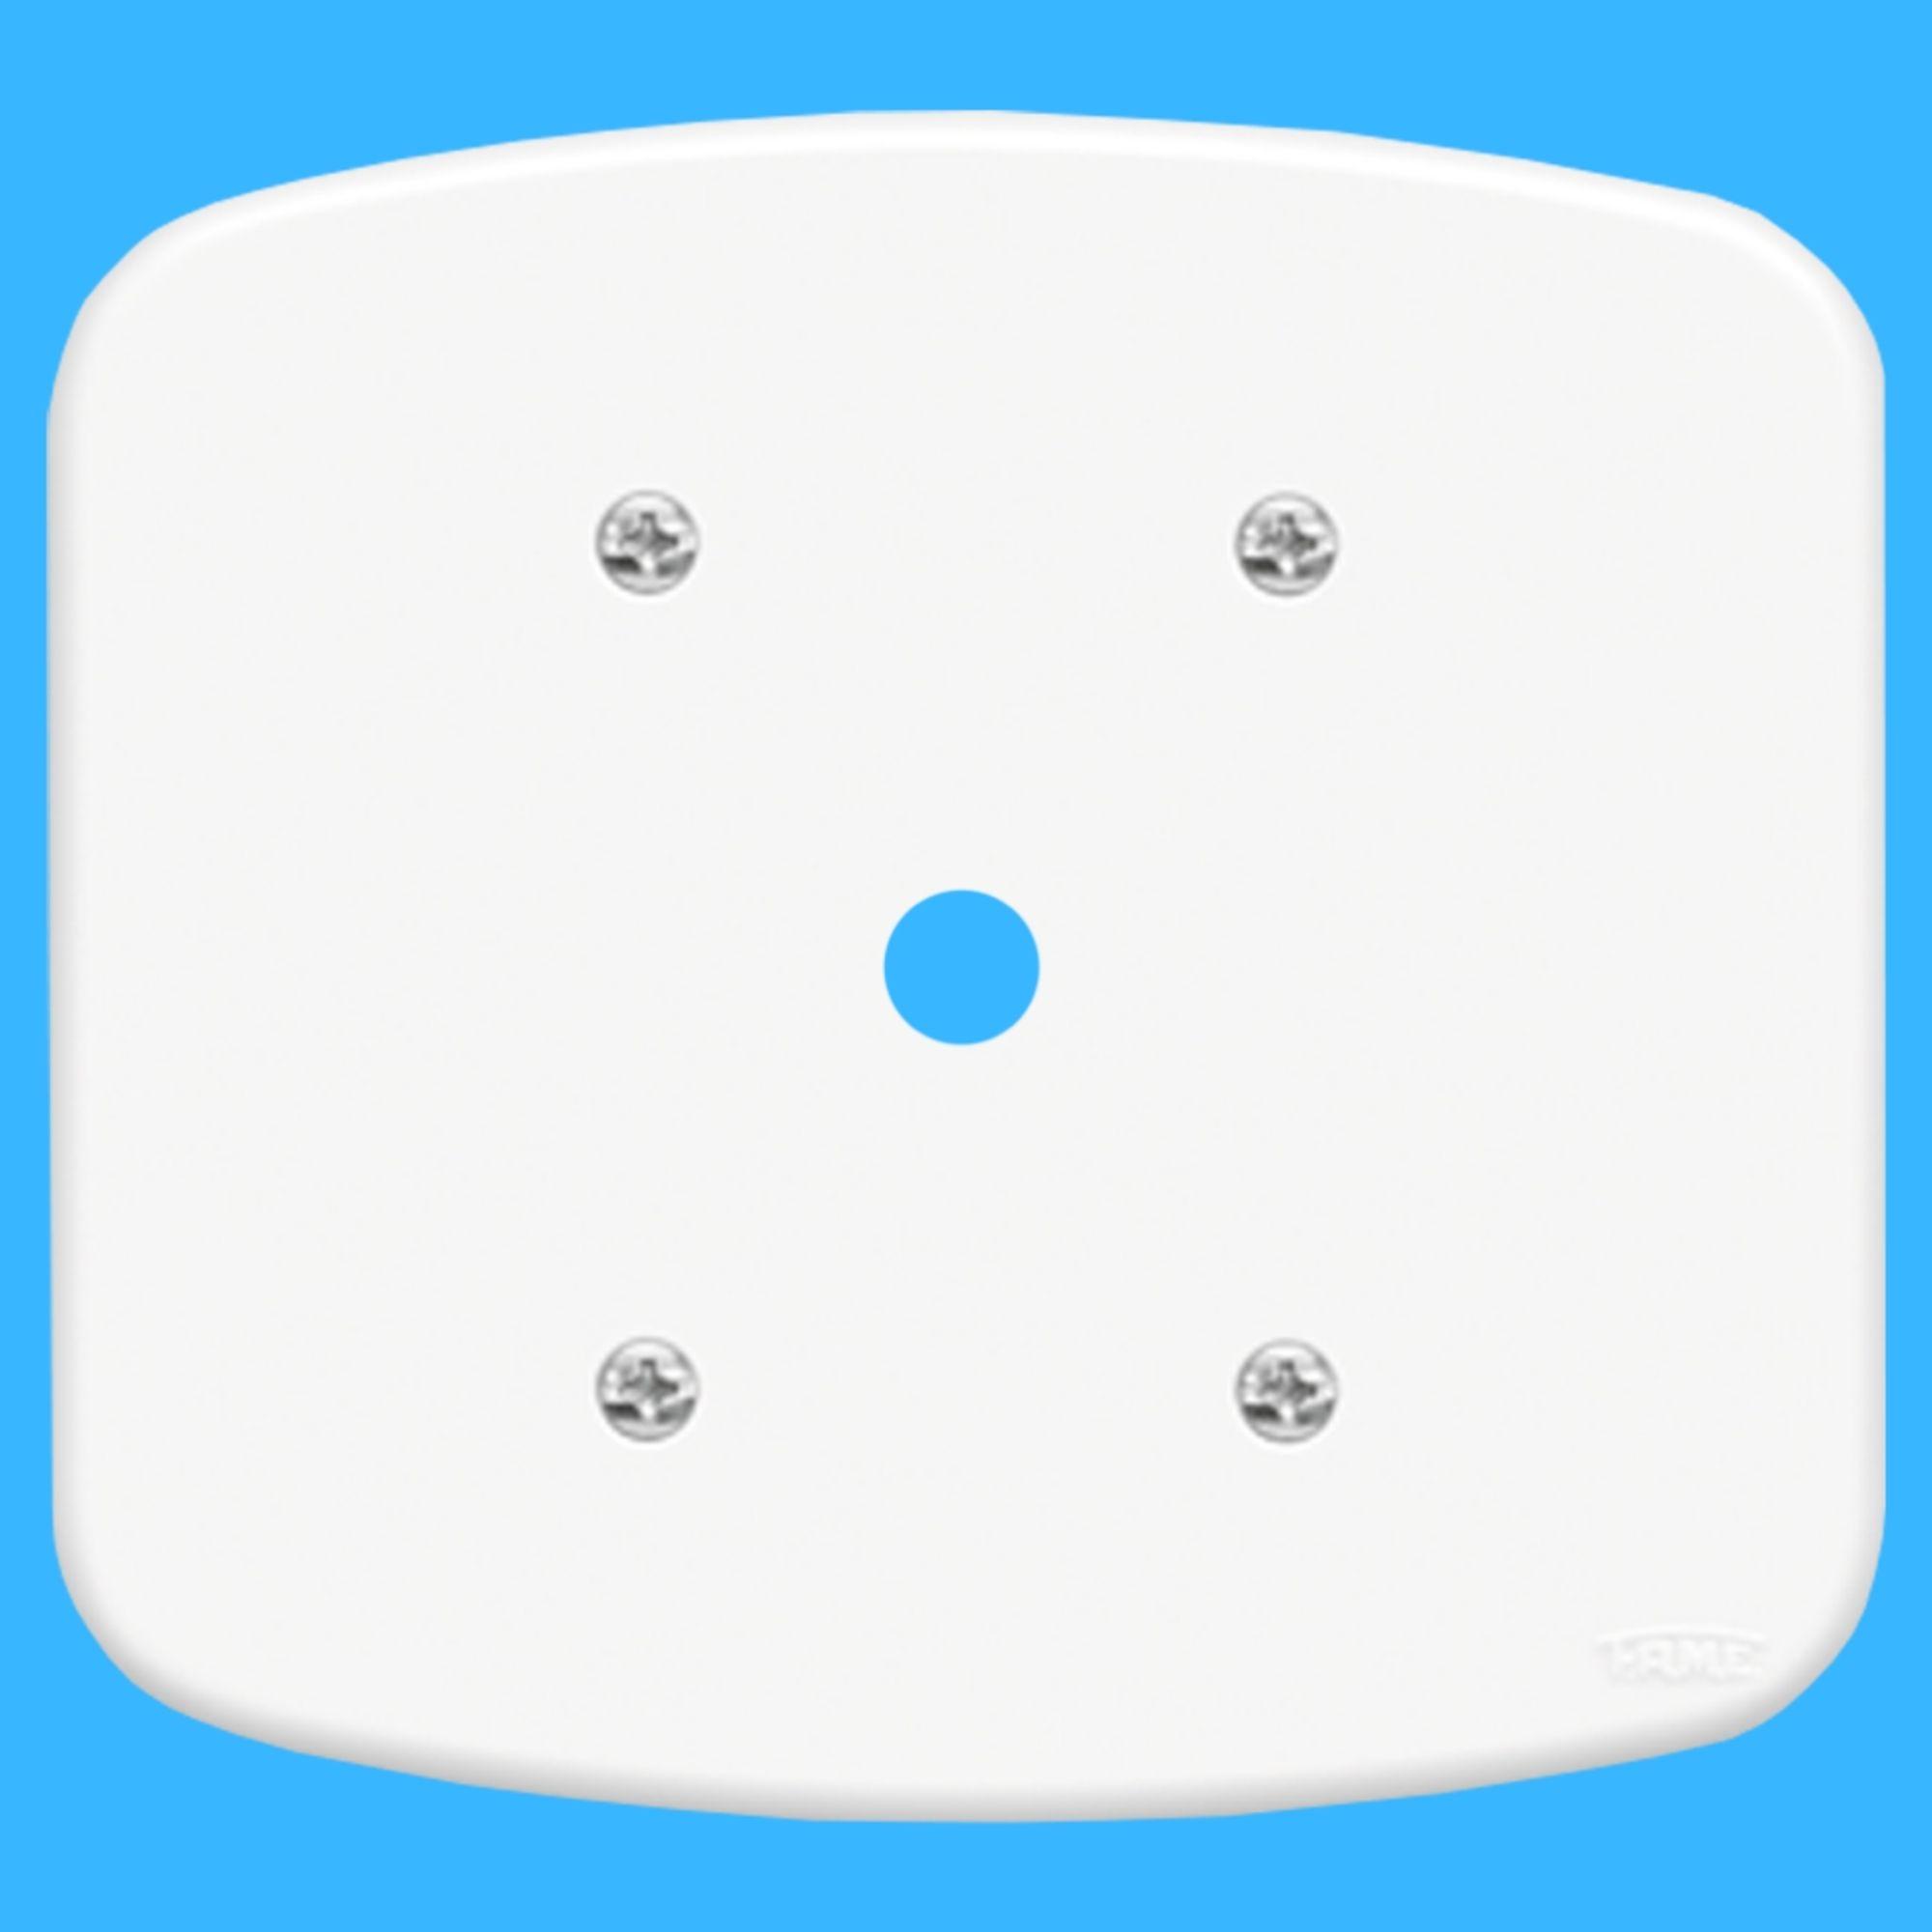 Blanc Placa 4x4 Com Furo